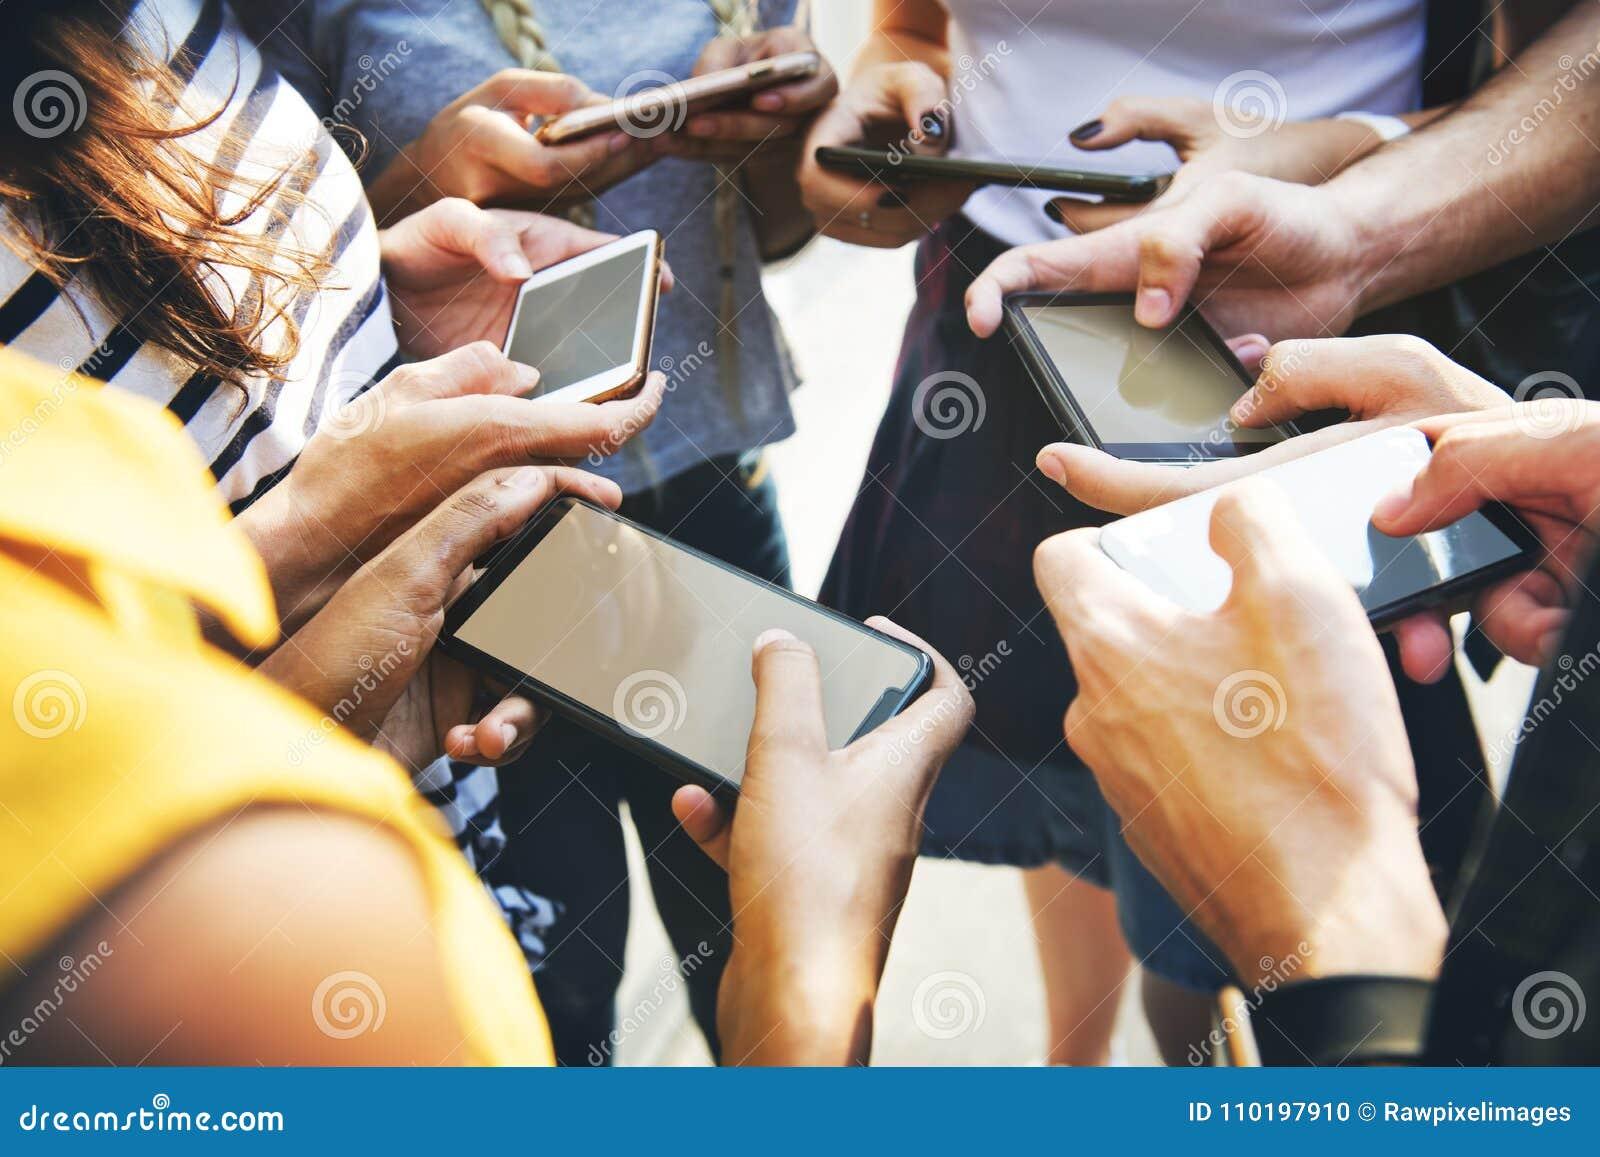 一起使用智能手机户外青年古芝的年轻成人朋友